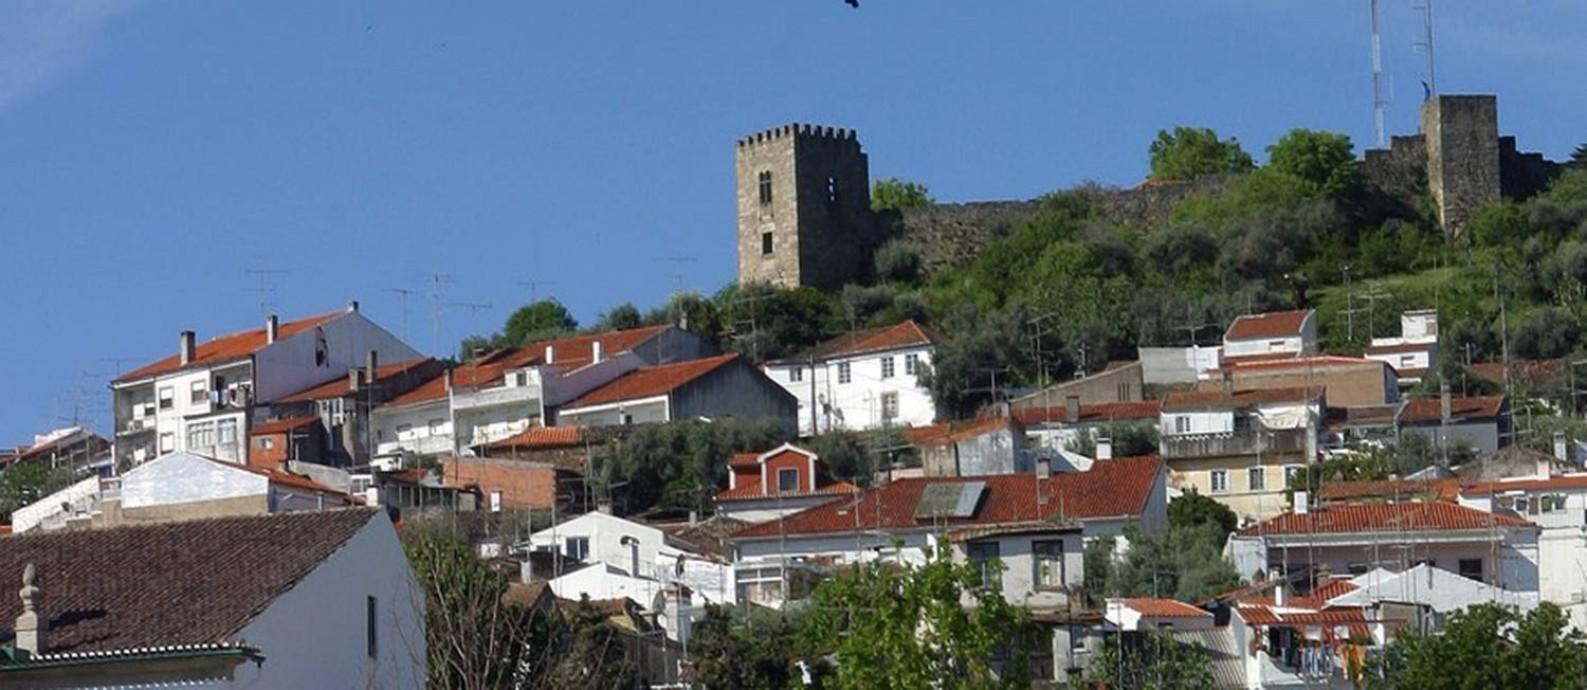 Paisagem de Castelo Branco, no interior de Portugal Foto: Divulgação